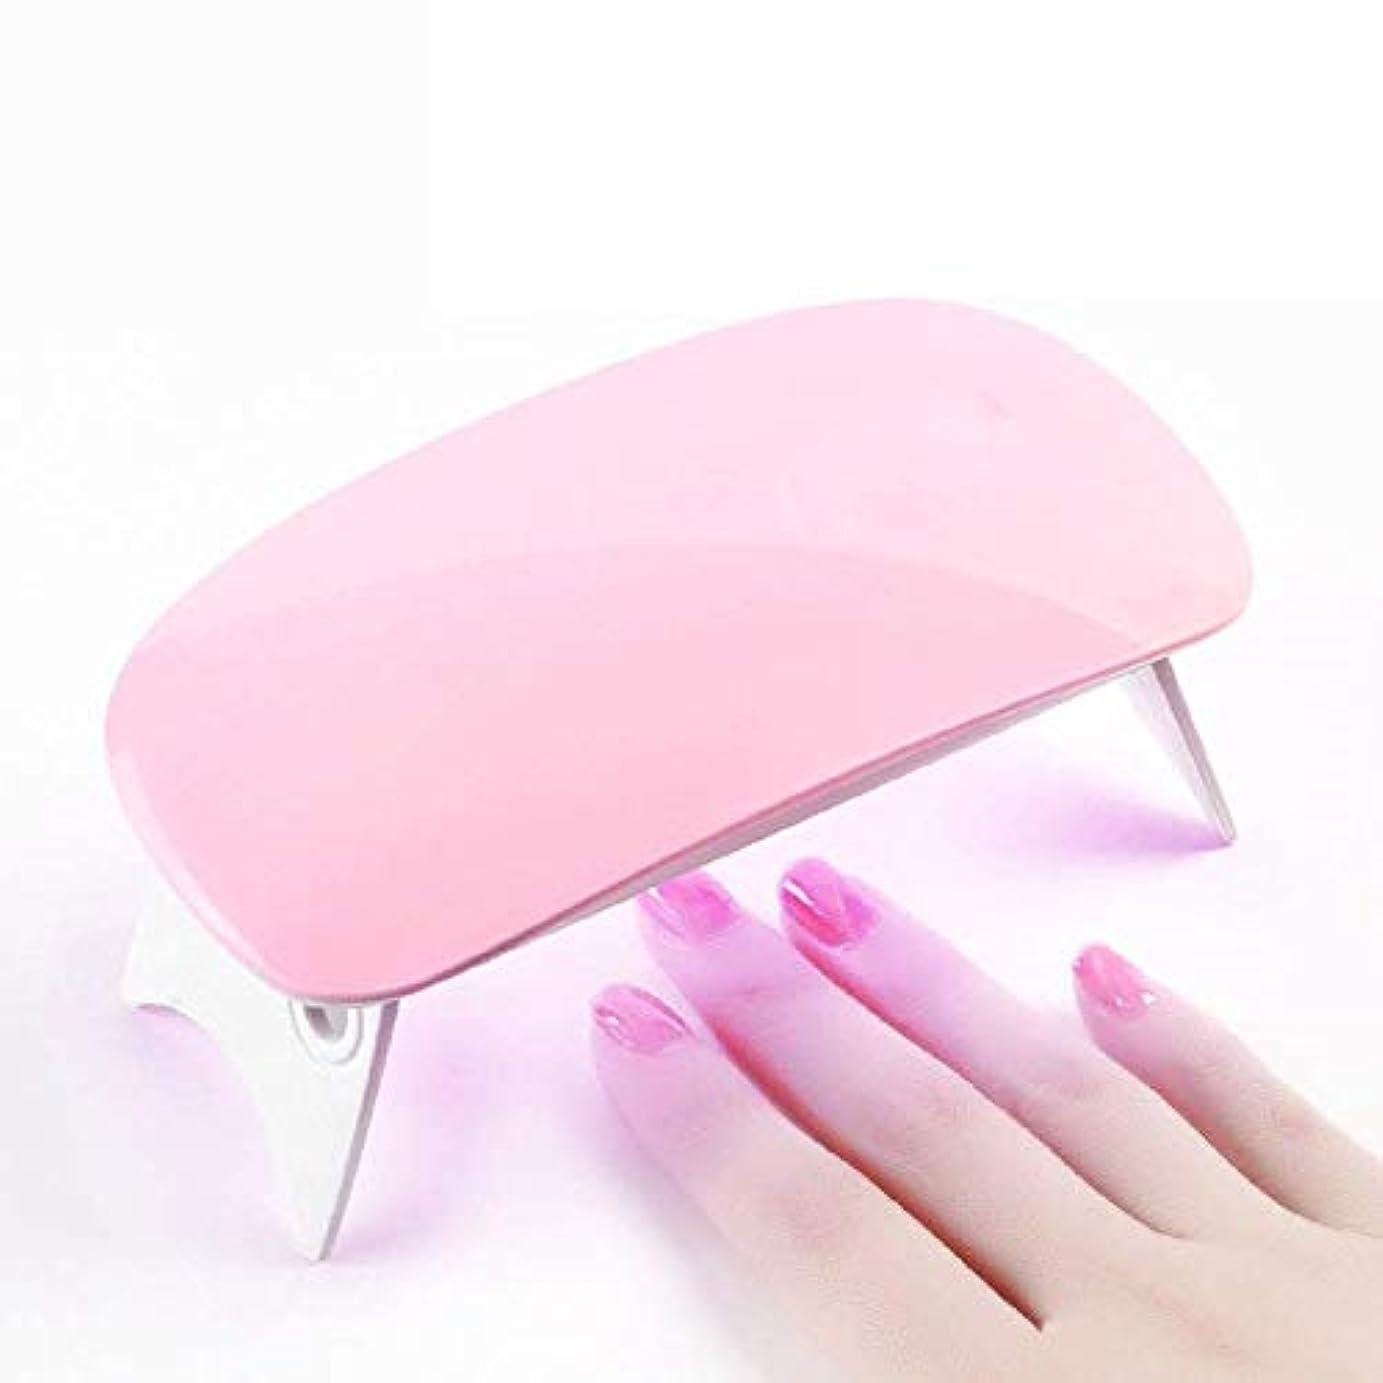 メロディアスルーキー反論LEDネイルドライヤー UVライト 折りたたみ式手足とも使える LED 硬化ライト UV と LEDダブルライト ジェルネイル用 (ピンク)